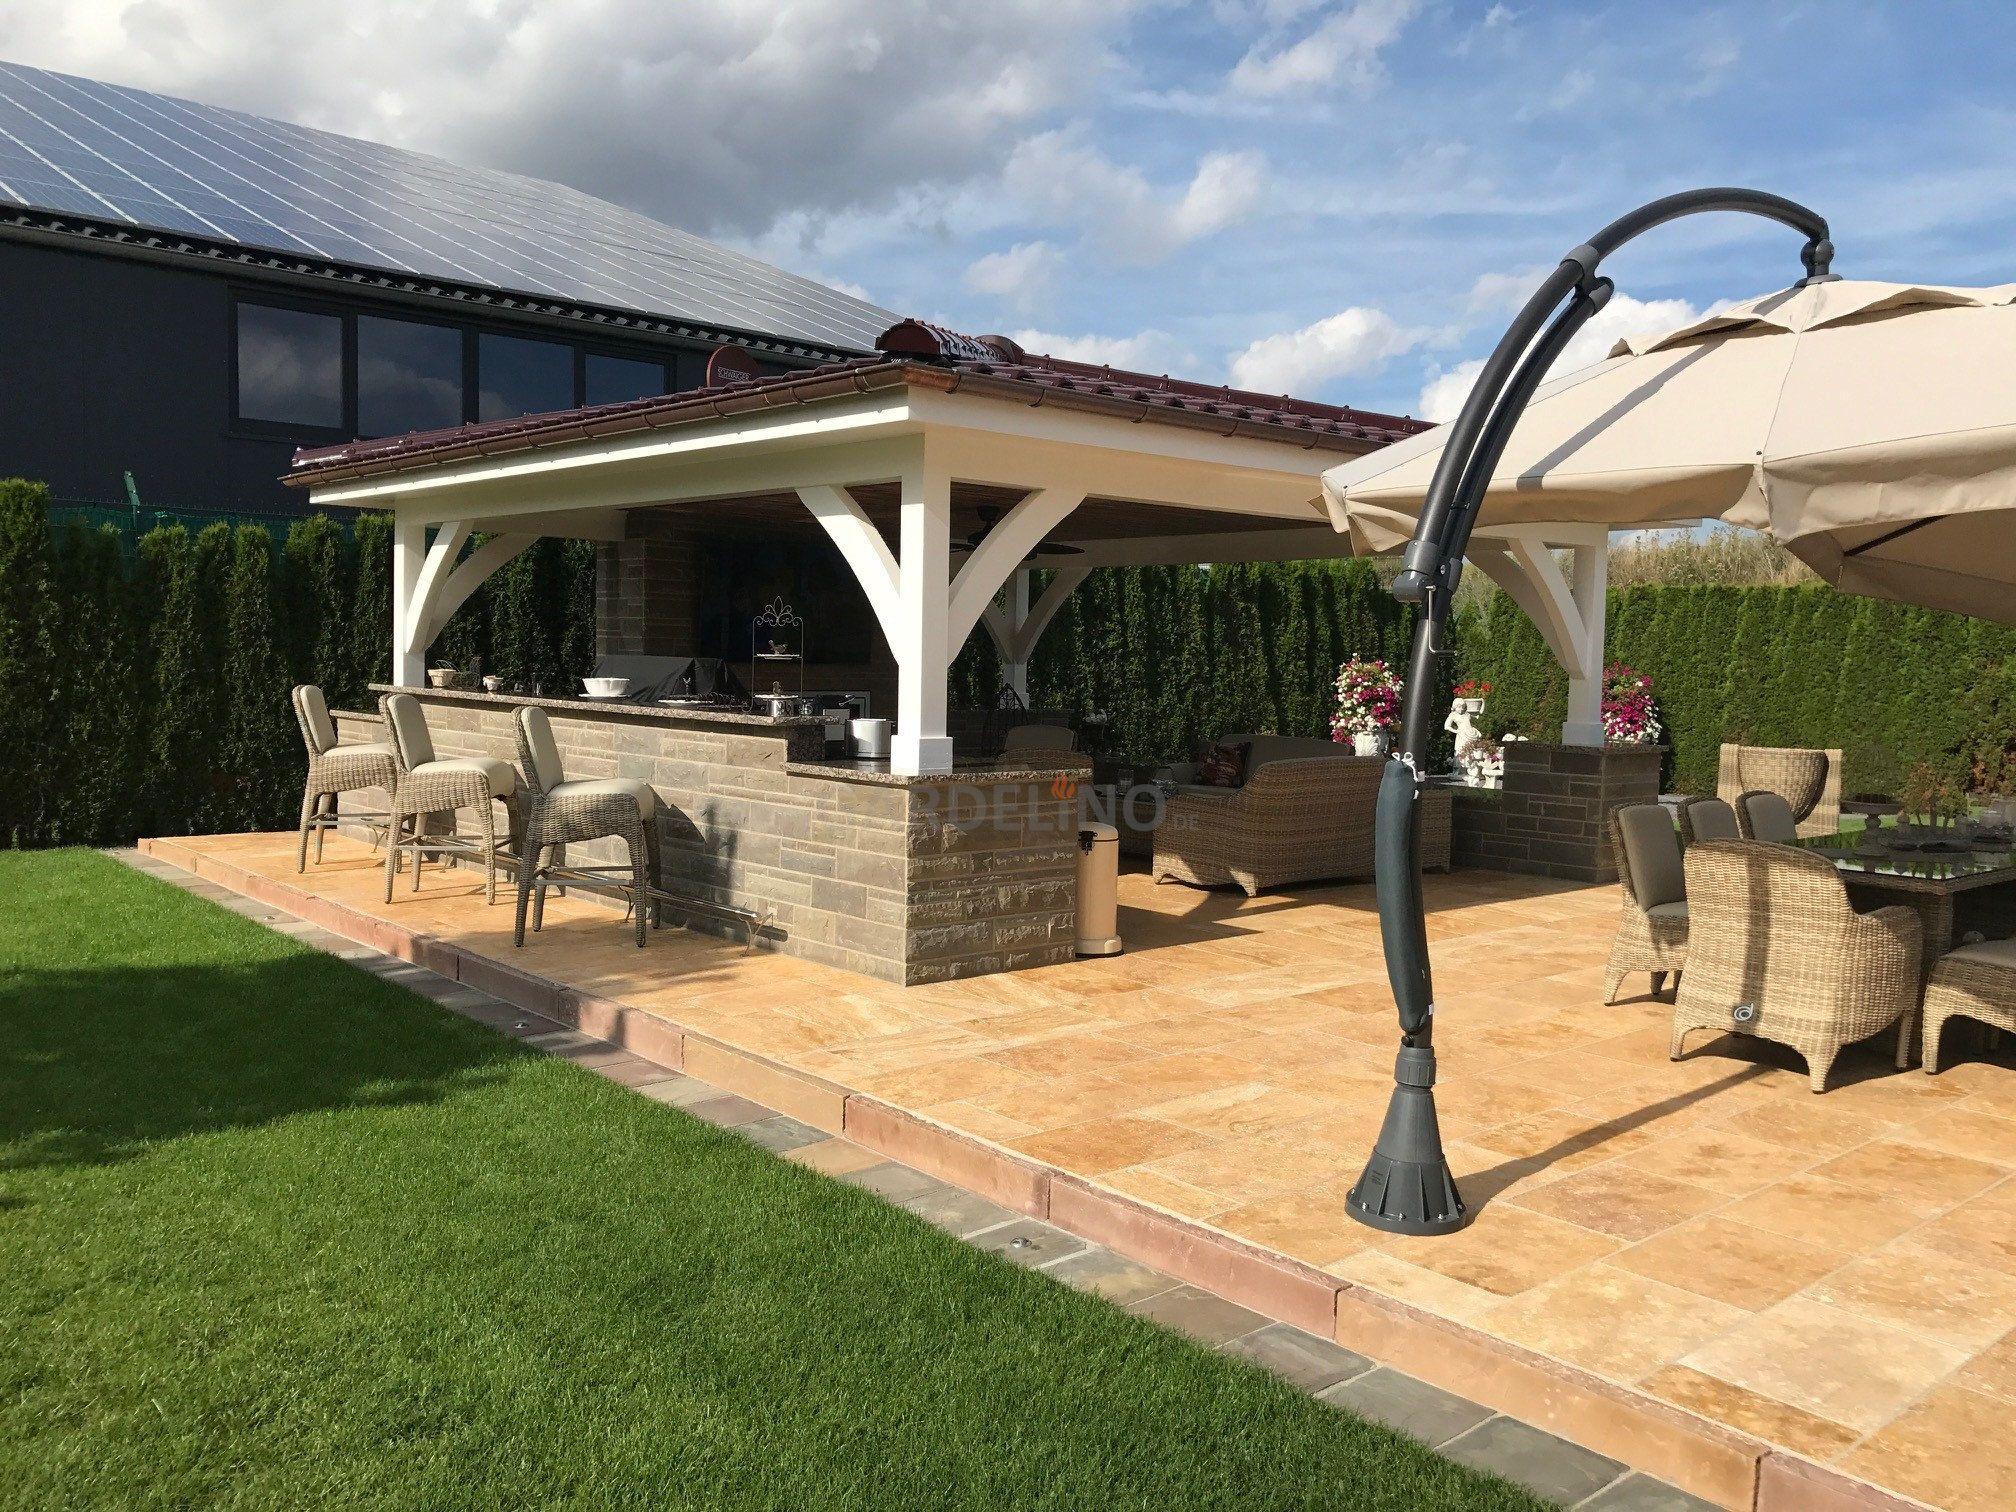 Outdoor Küche Dachterrasse : Luxus outdoor küche mit Überdachung auf großer terrasse mit bar und